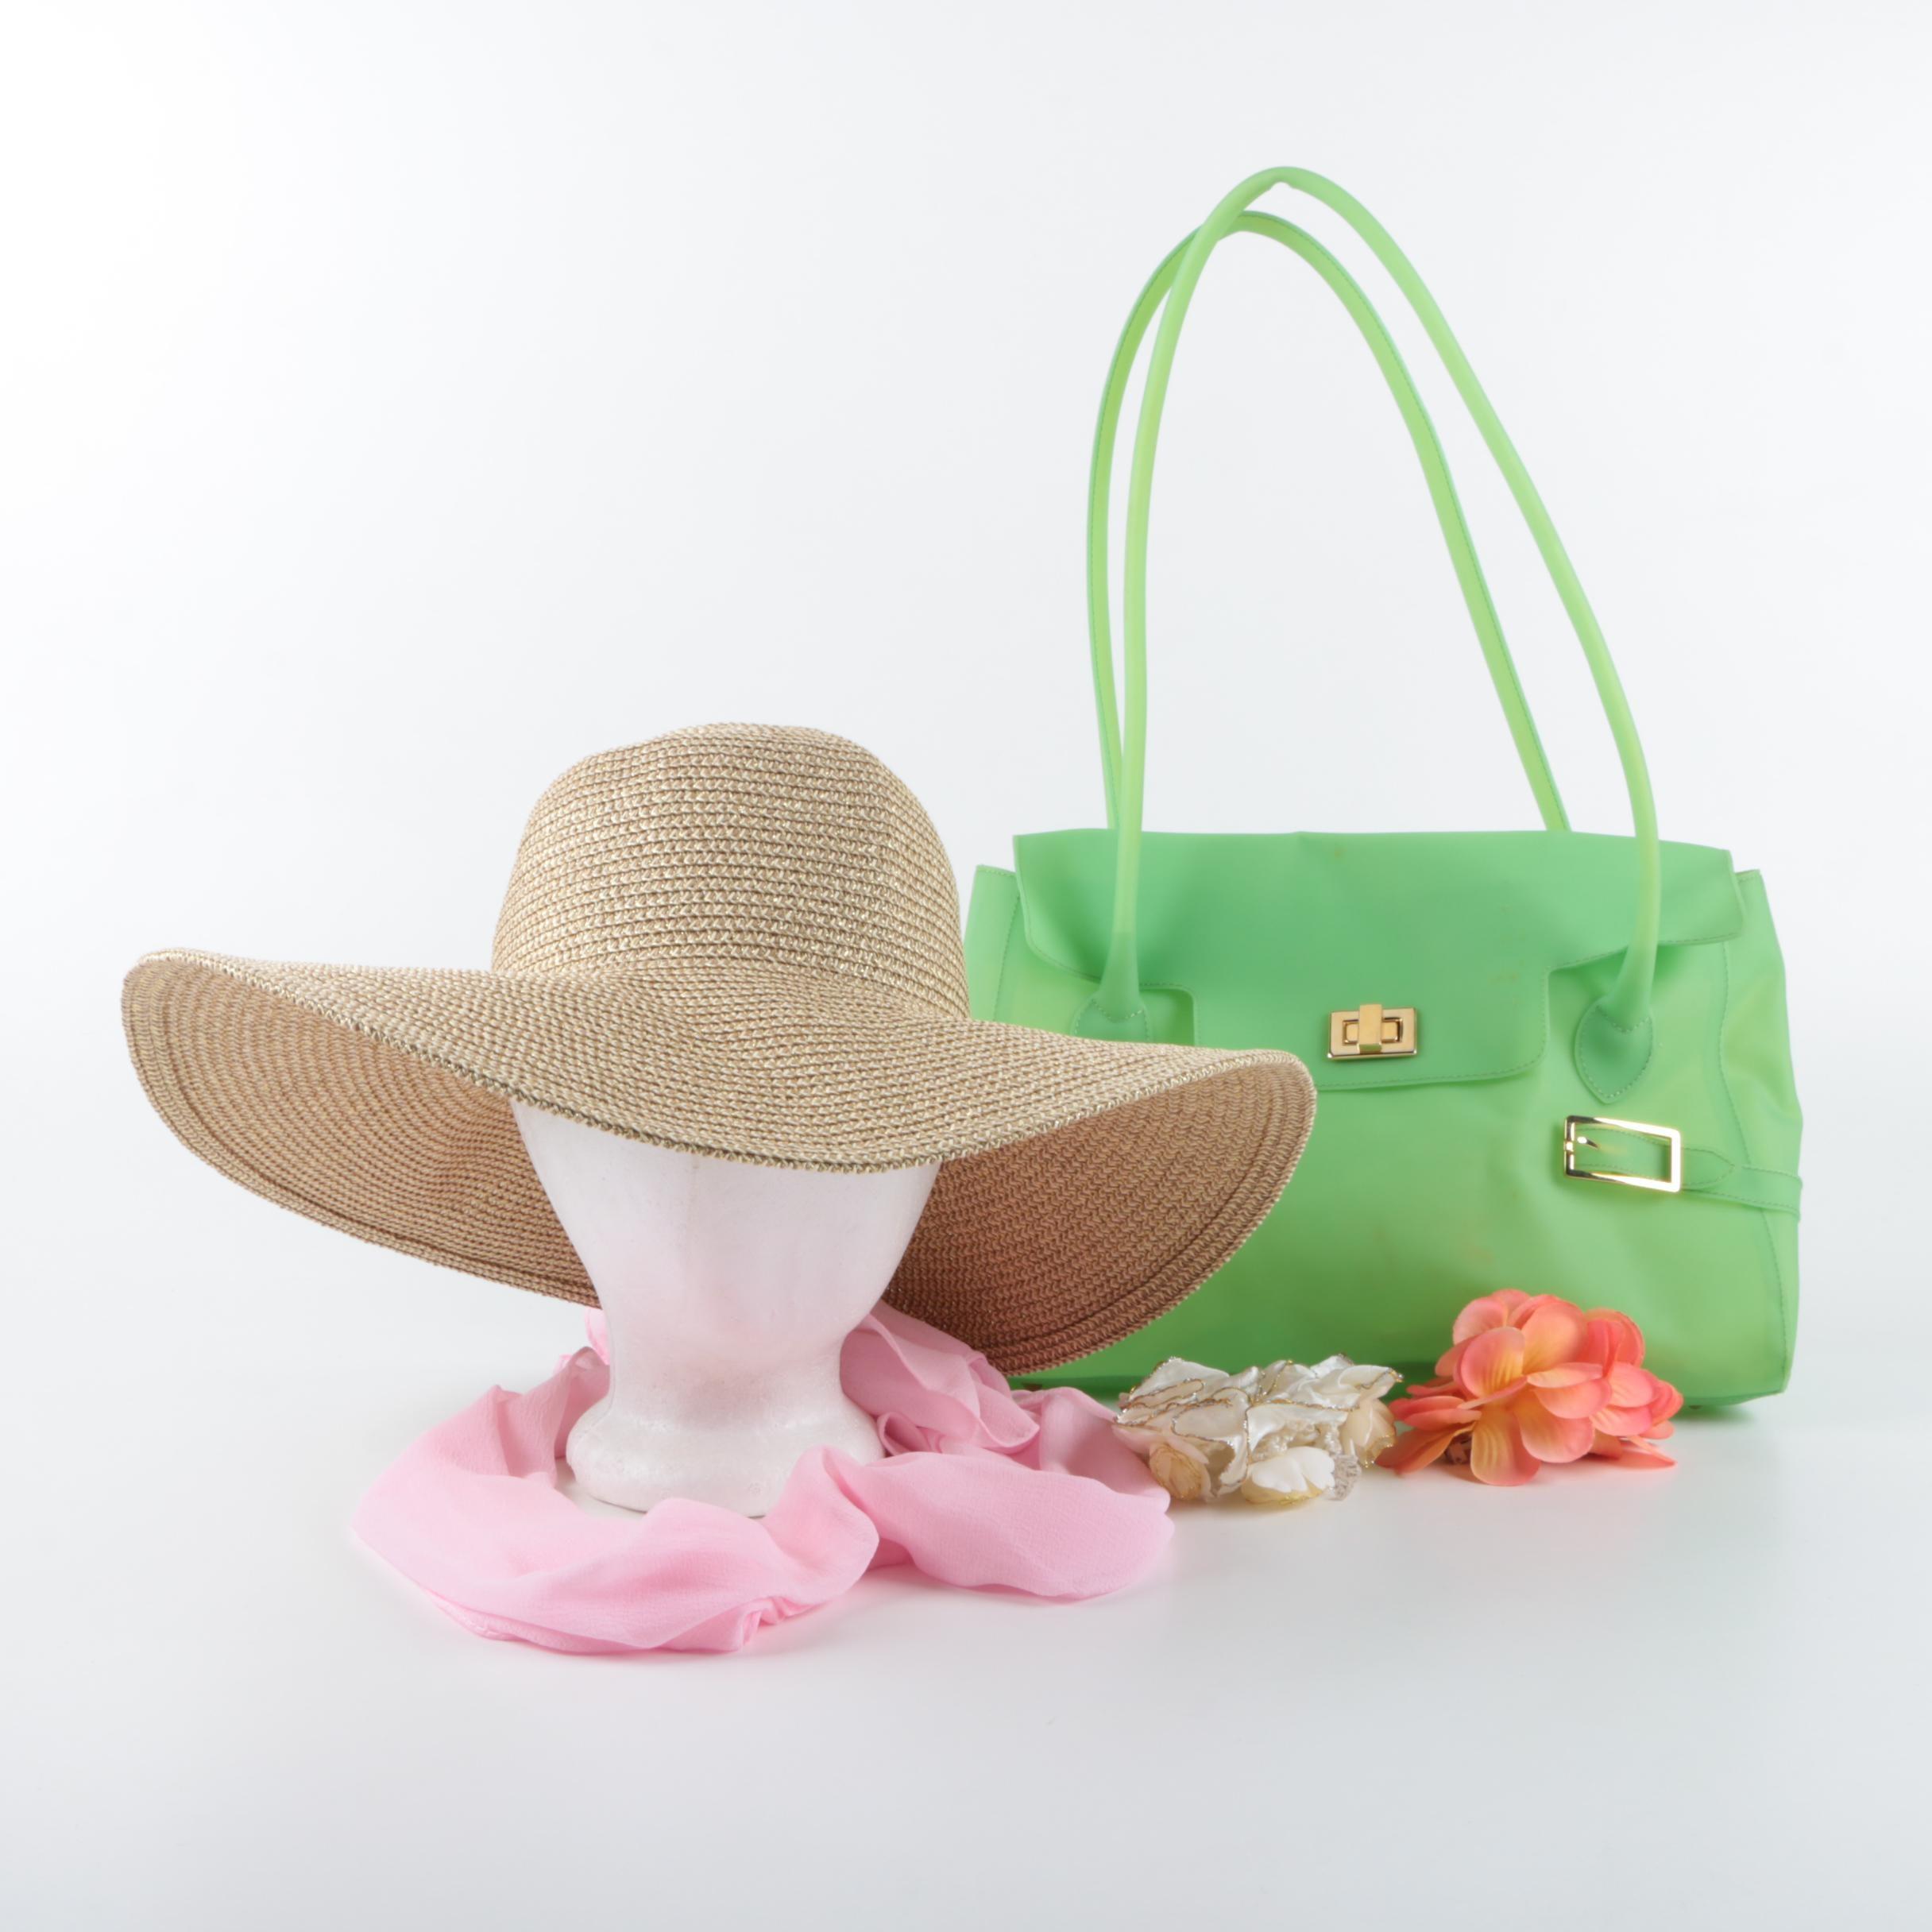 Women's Hat, Handbag and Accessories